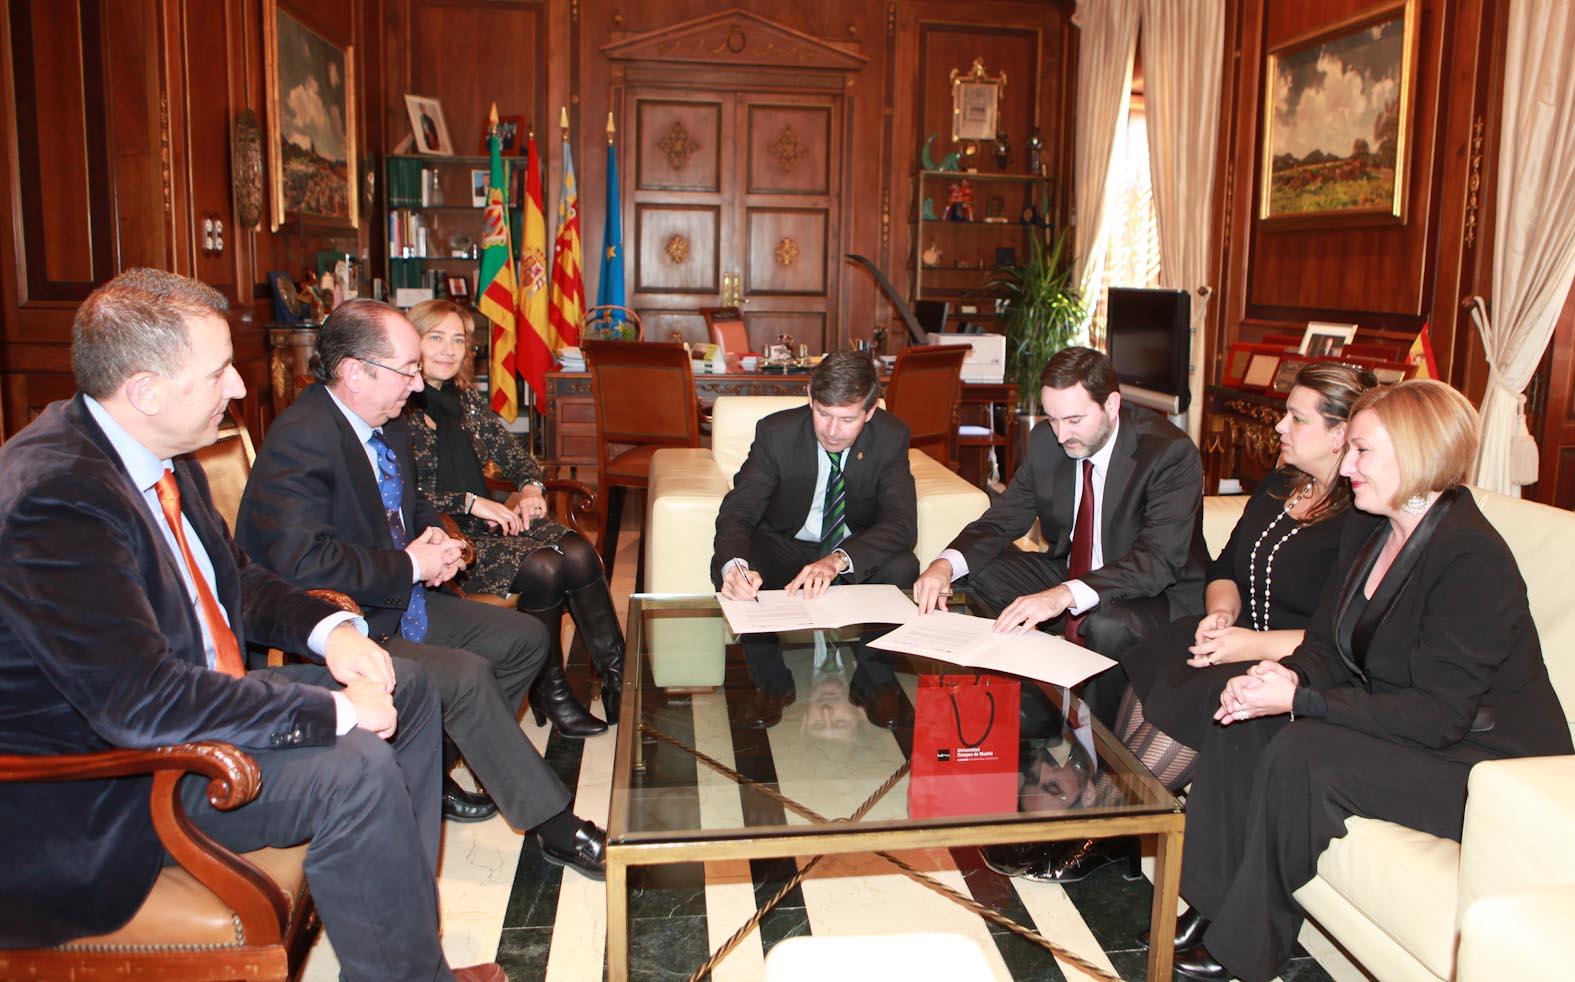 Santiago Consultores y la Universidad Europea apoyarán al Ayuntamiento de Castellón en los Foros de Urbanismo para  reforzar el posicionamiento de la ciudad a escala internacional